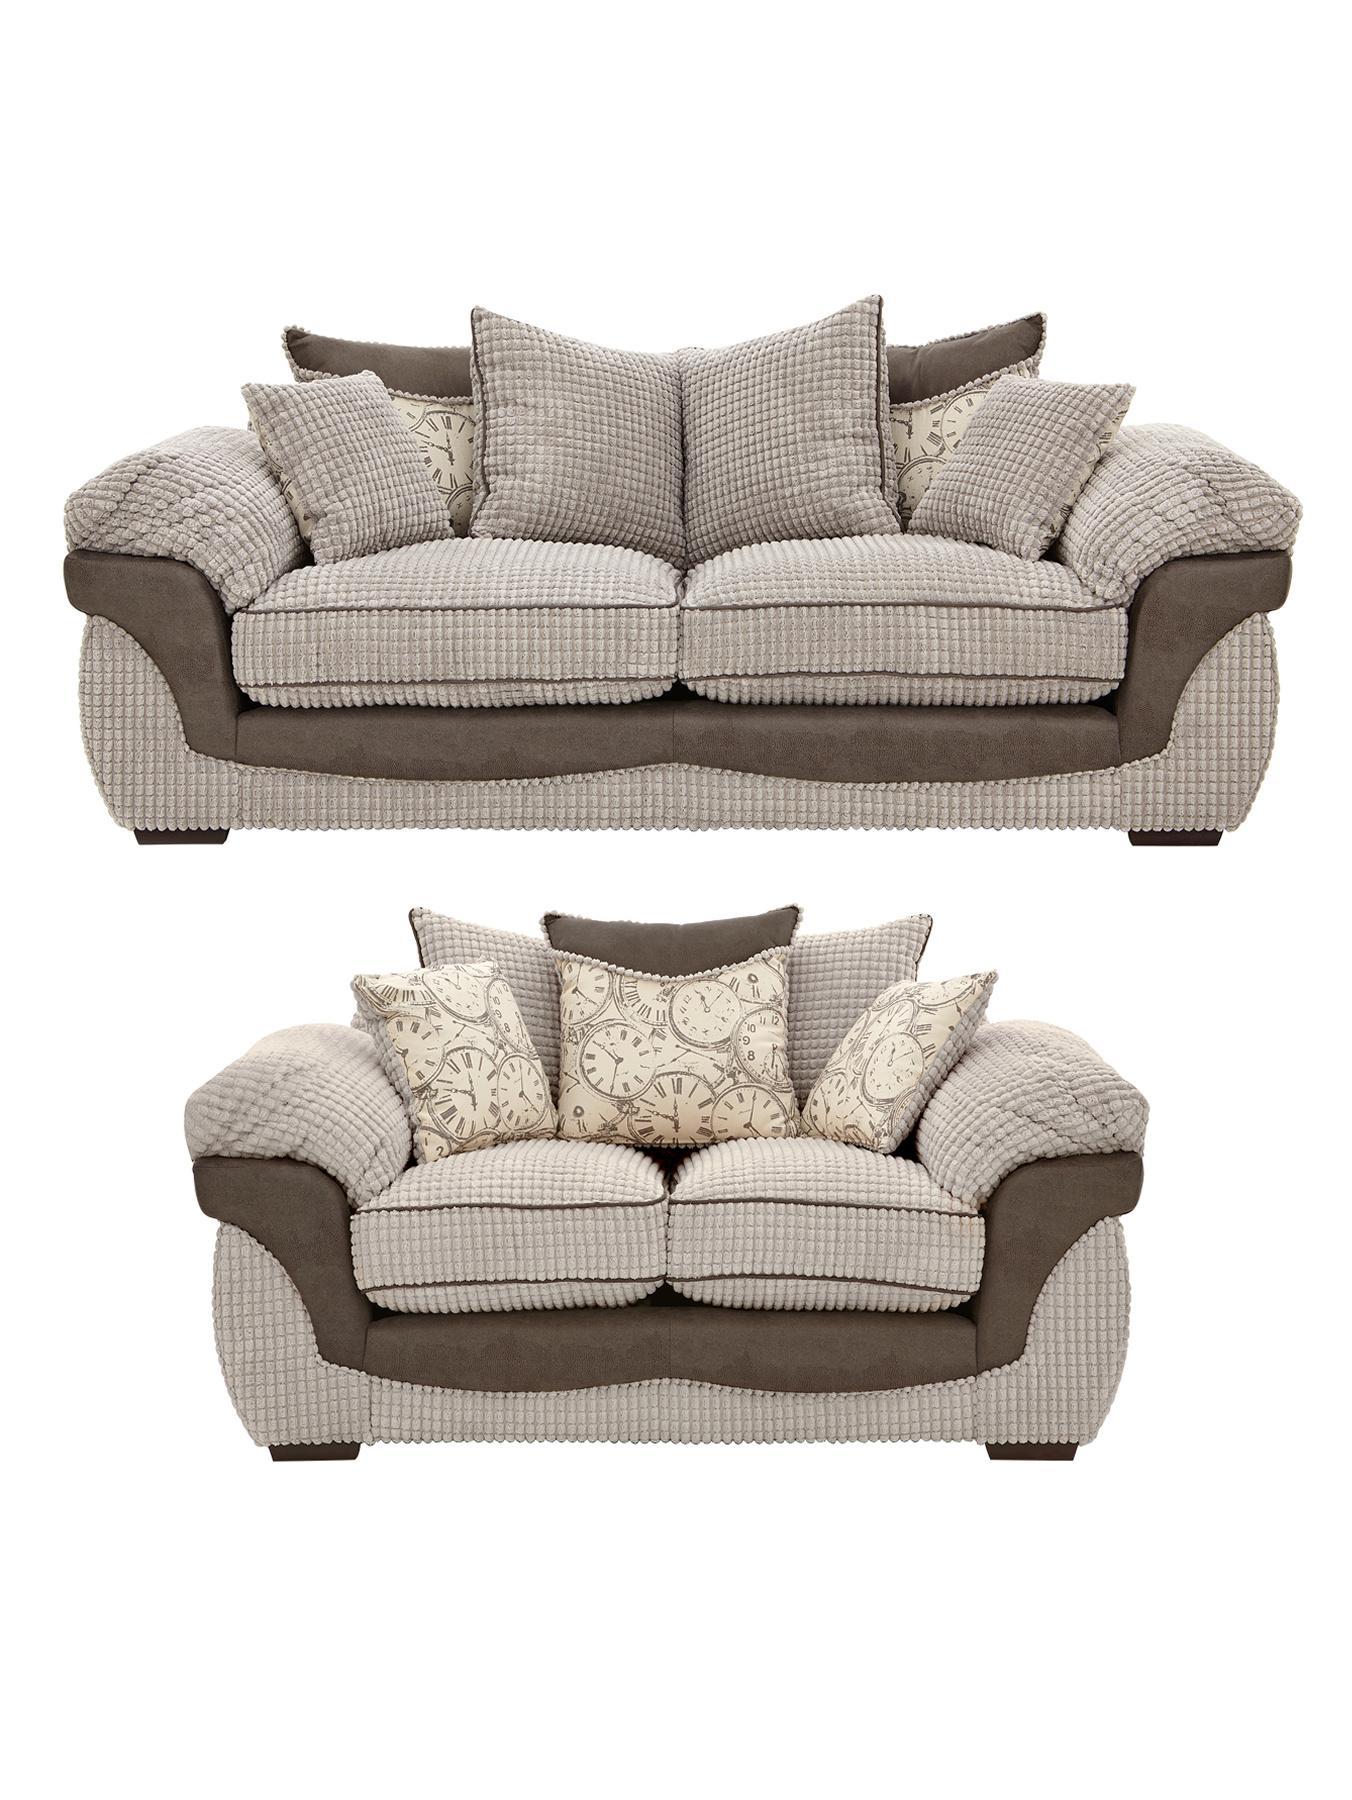 Faux Leather Corner Sofa Price Comparison Results